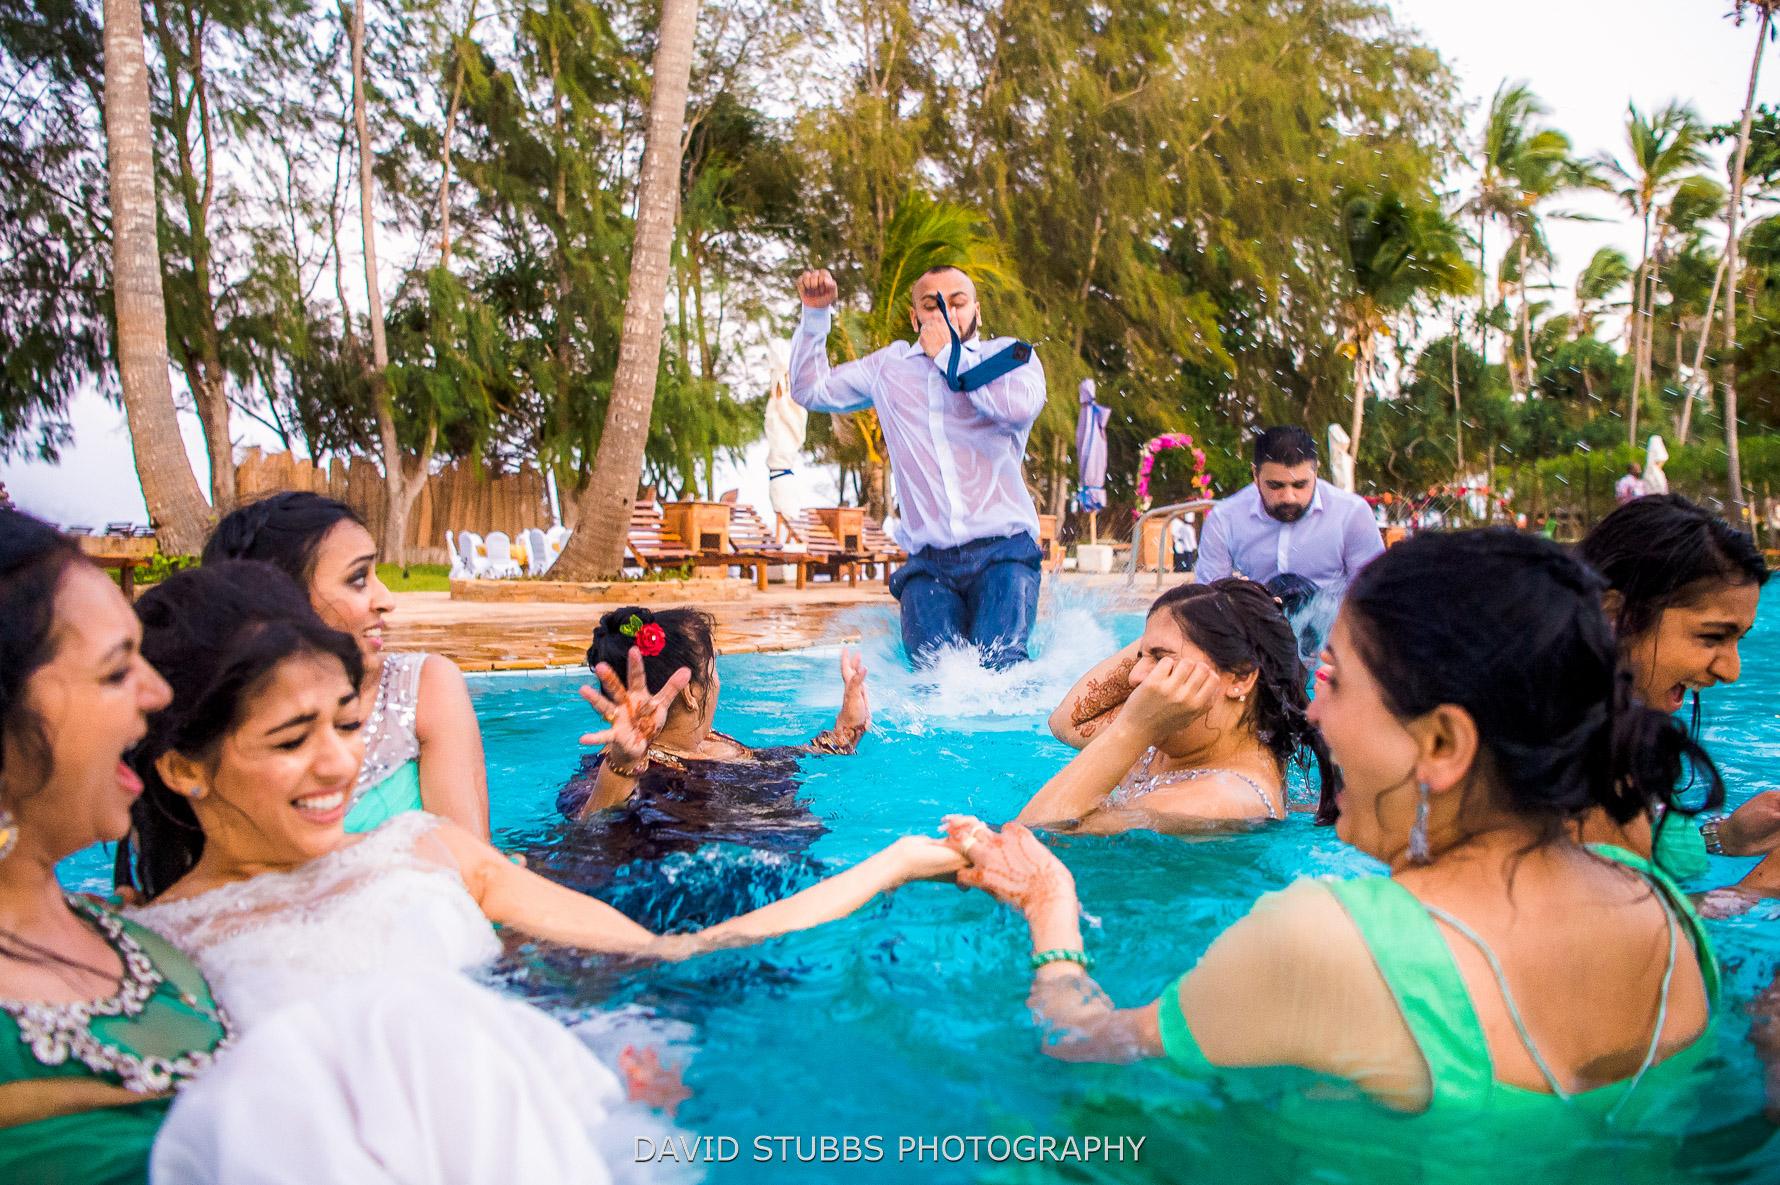 jump splash